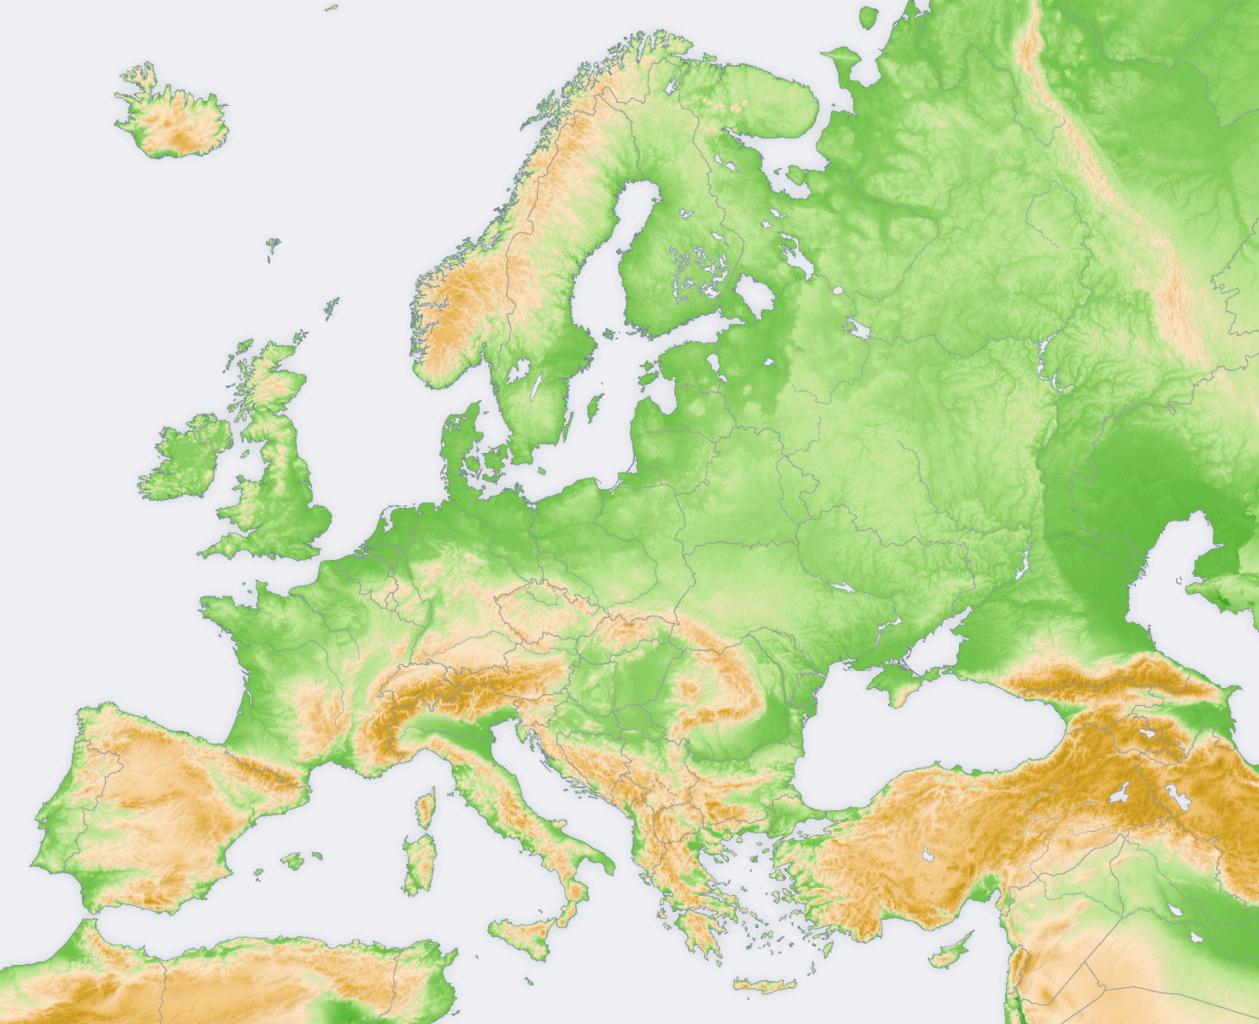 Mapa Fisic De Europa.File Europe Topography Map Png Wikipedia